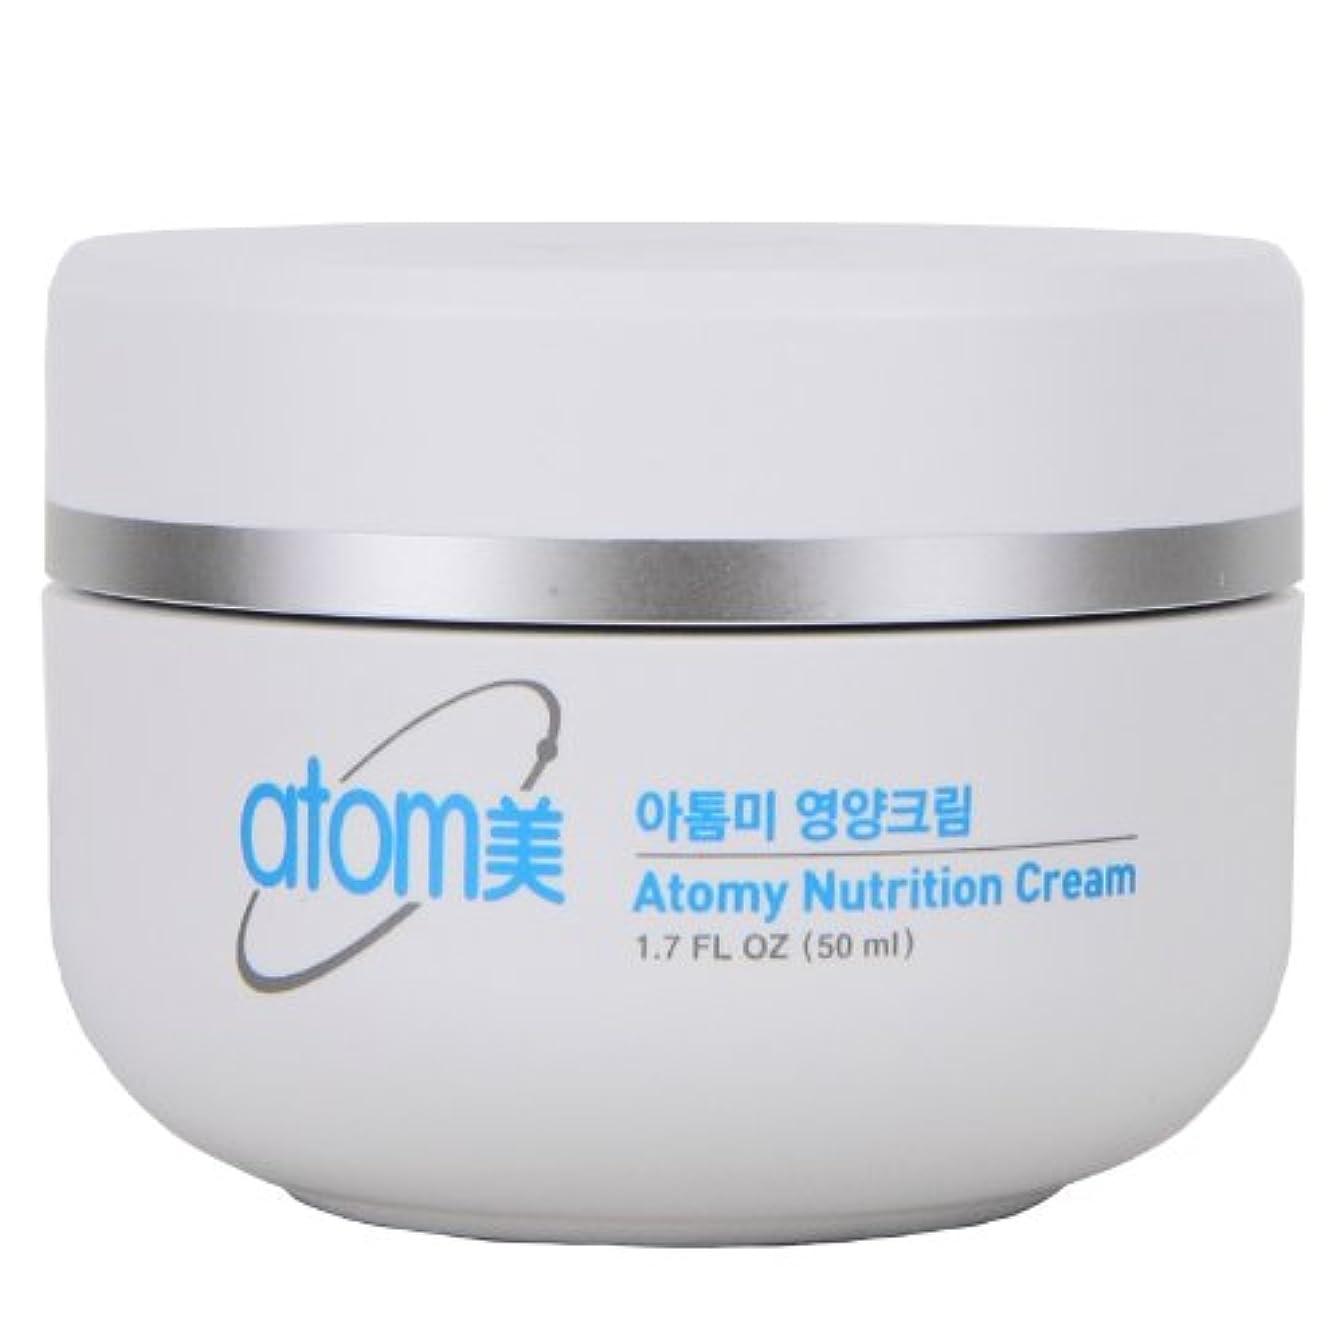 取り出す原稿なしで韓国コスメ Atom美 アトミ クリーム ■ナチュラルコスメ